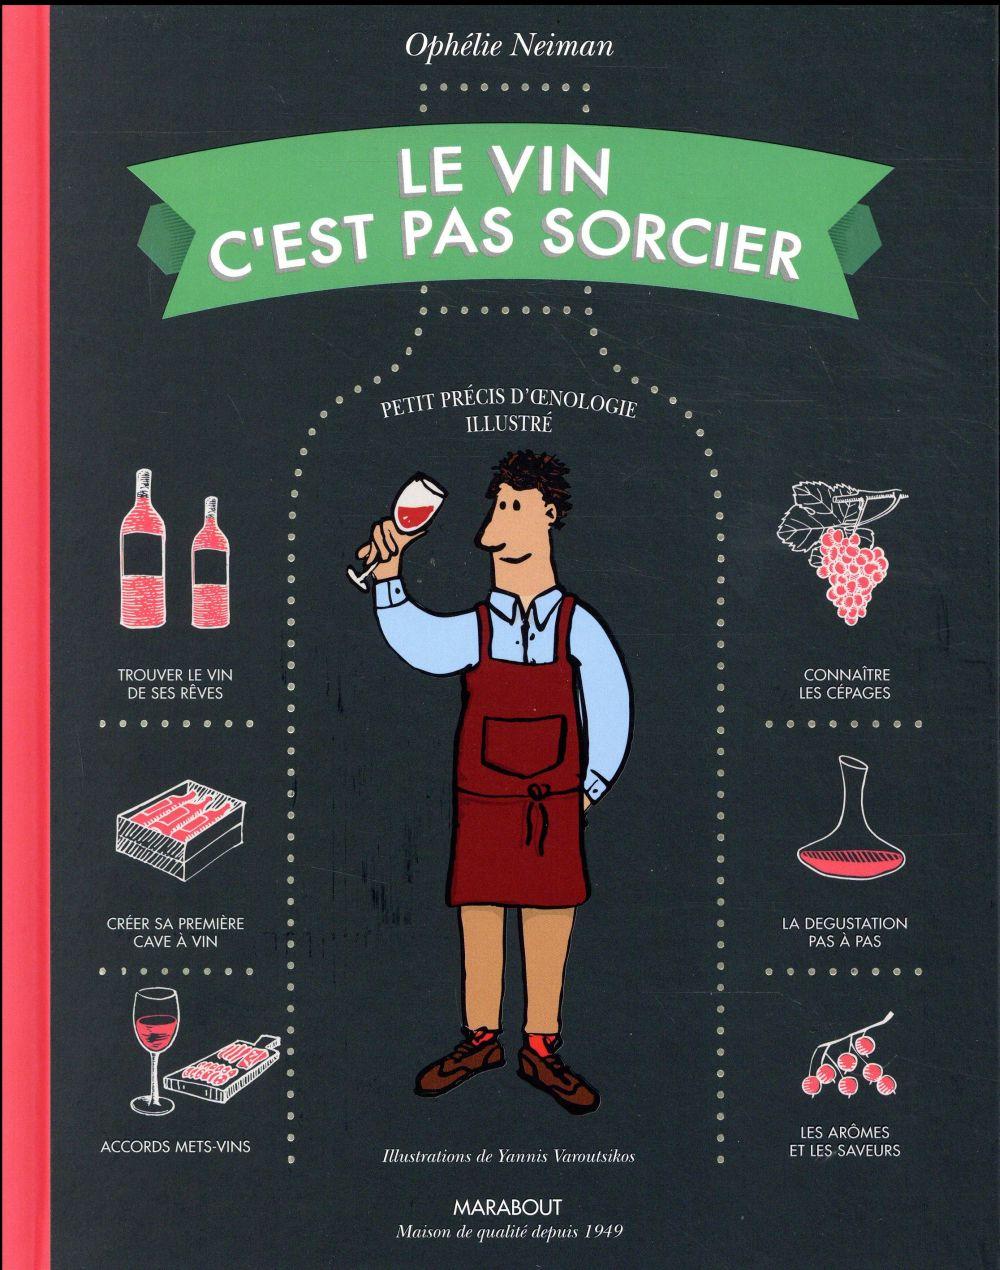 LE VIN C'EST PAS SORCIER NOUVELLE EDITION Neiman Ophélie Marabout